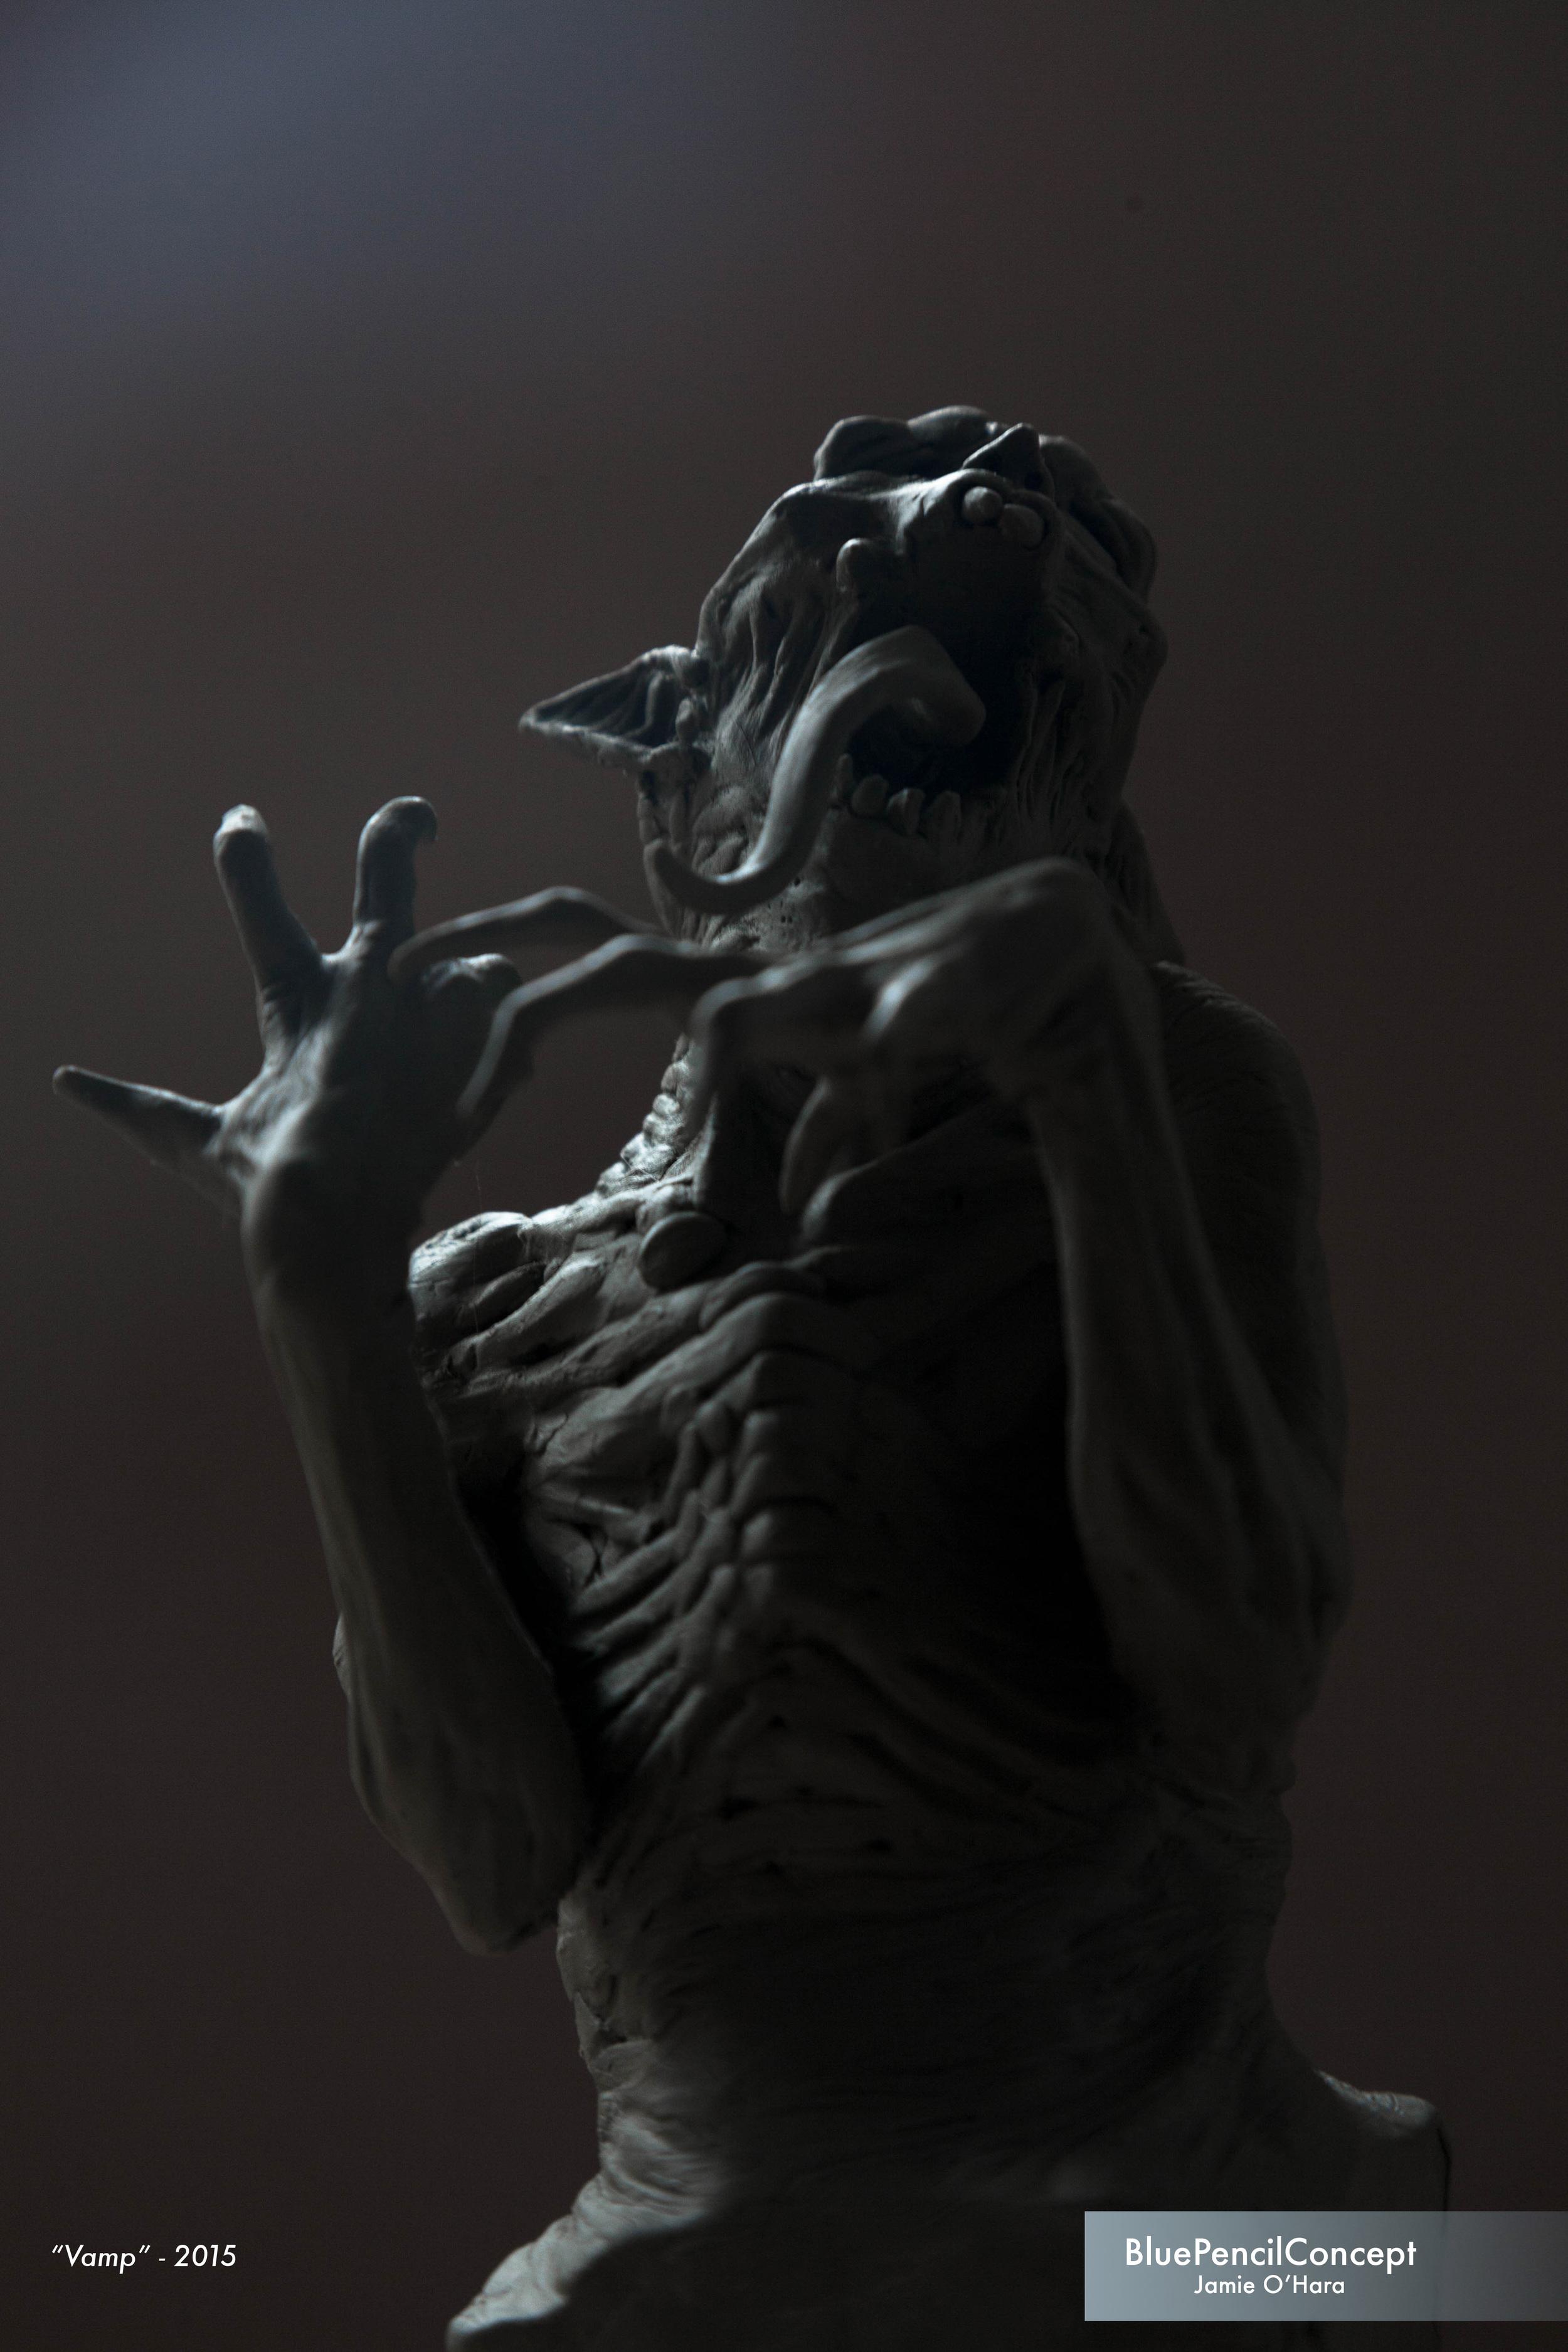 vamp-11.jpg